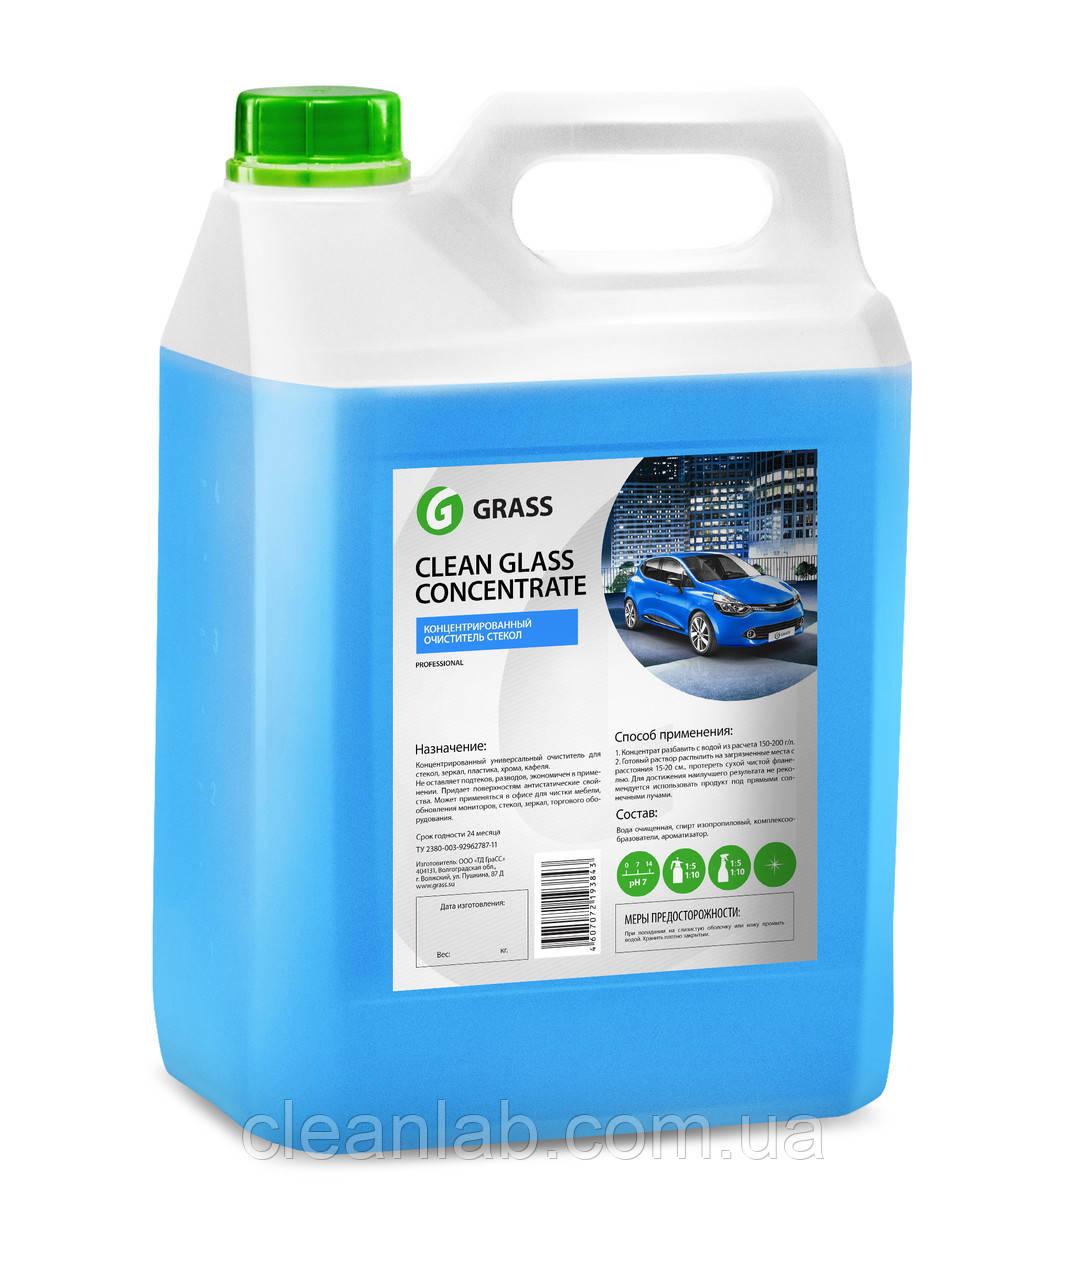 Очиститель стекол Grass  «Clean Glass Concentrate» 5 кг.